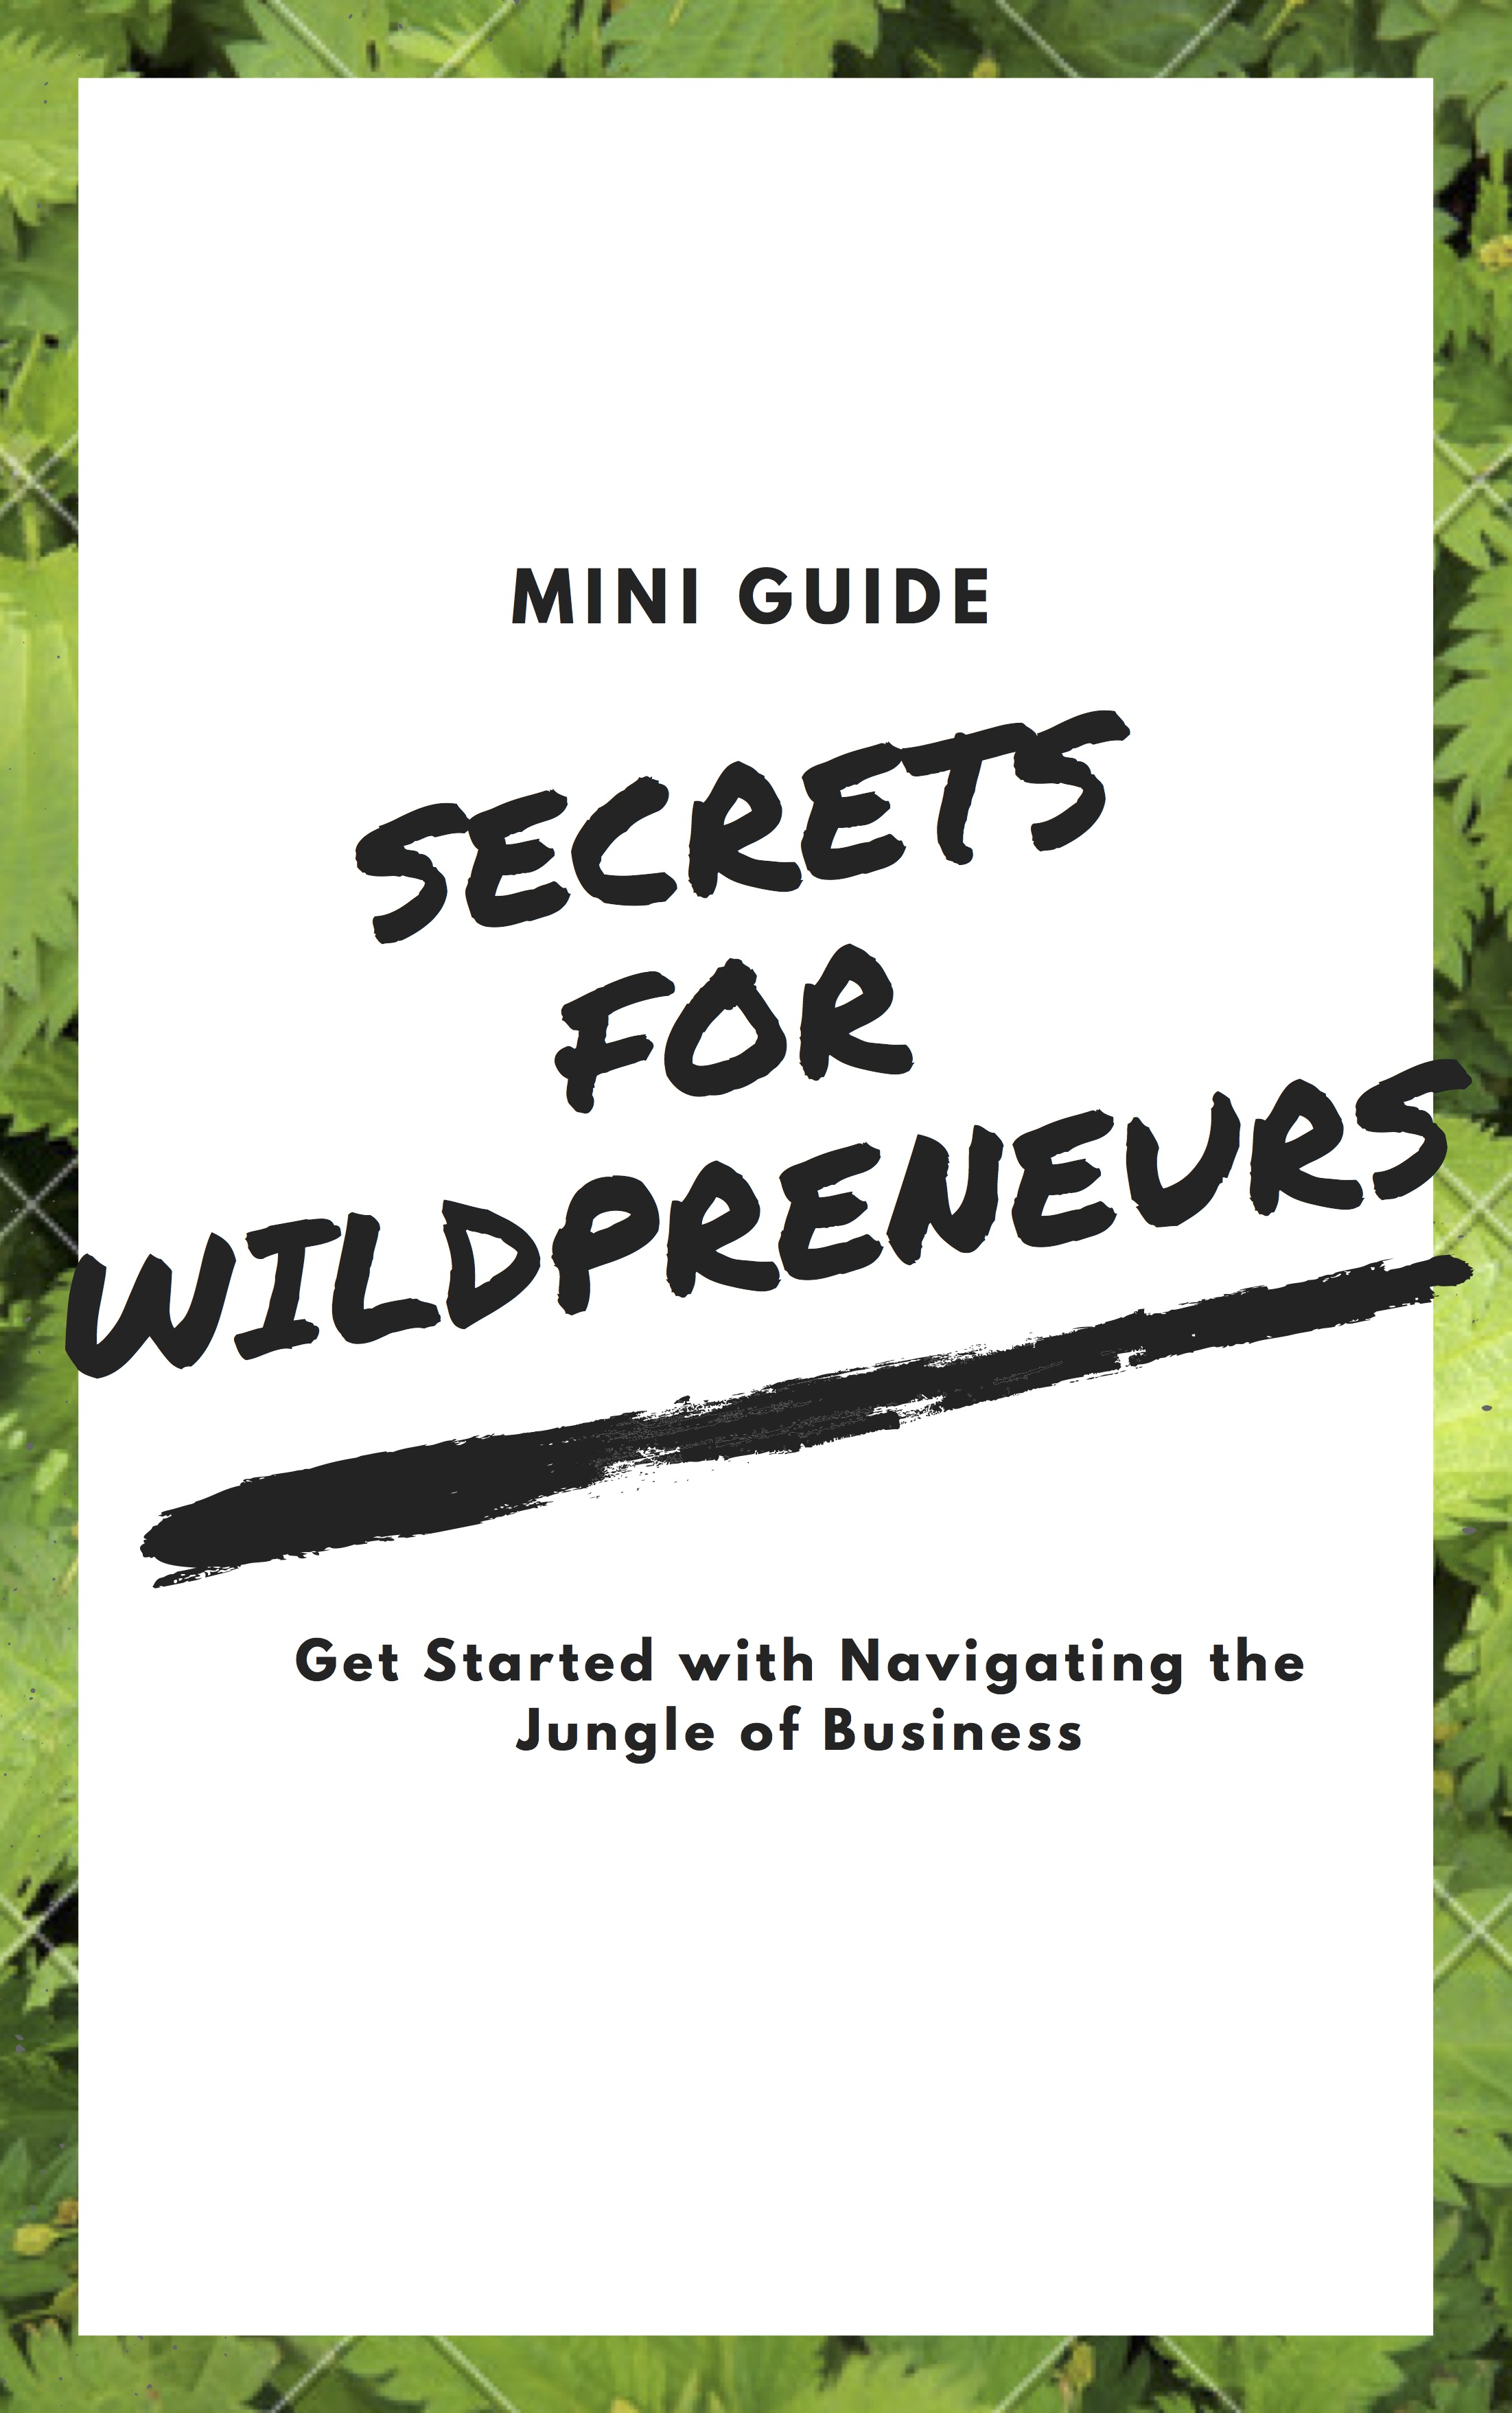 Free Guide for Wildpreneurs -